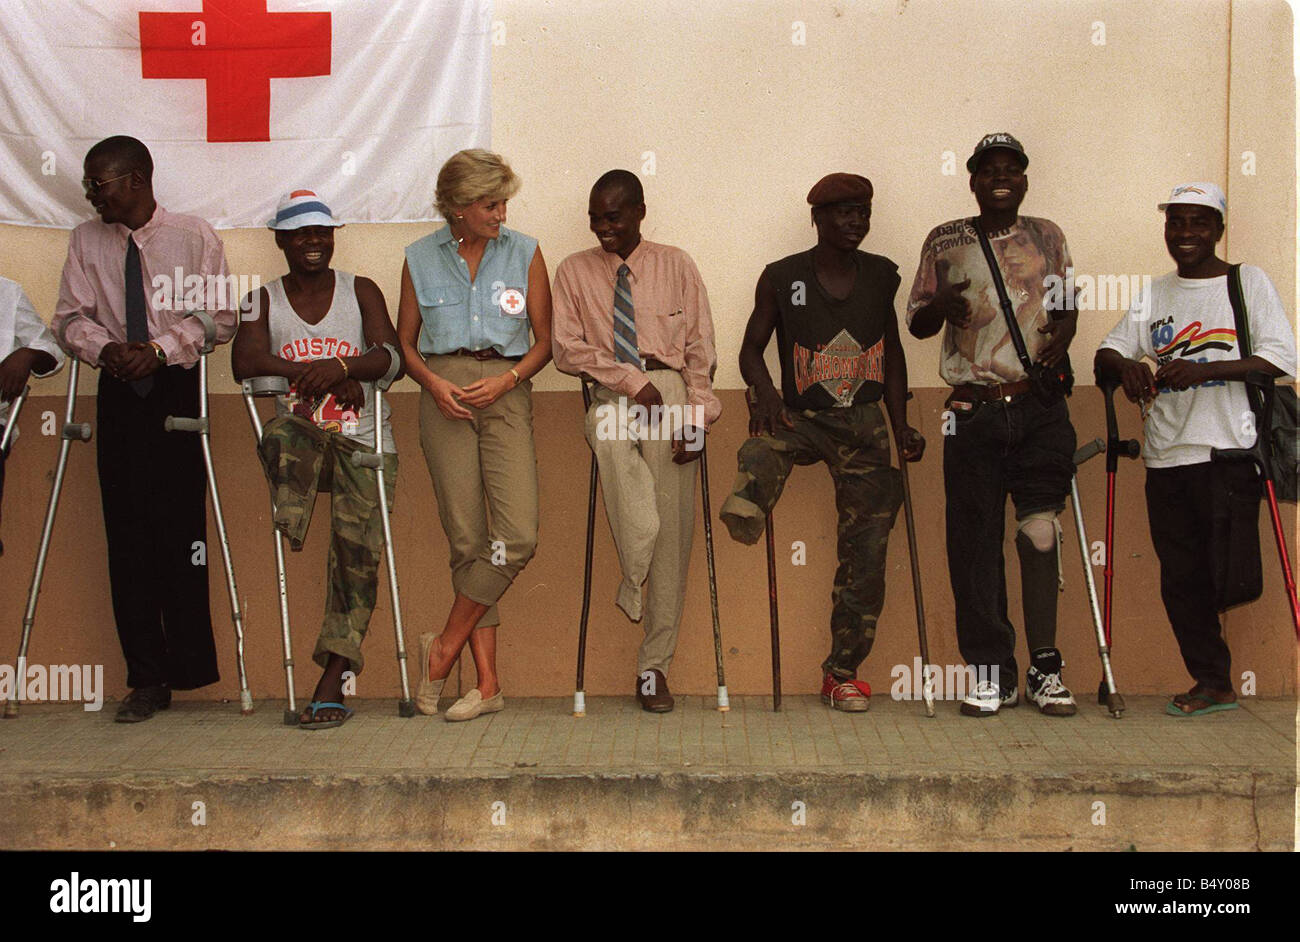 Princess Diana visiting landmine victims at the orthopaedic centre at Ruanda Angola War Conflict Angola Civil War - Stock Image